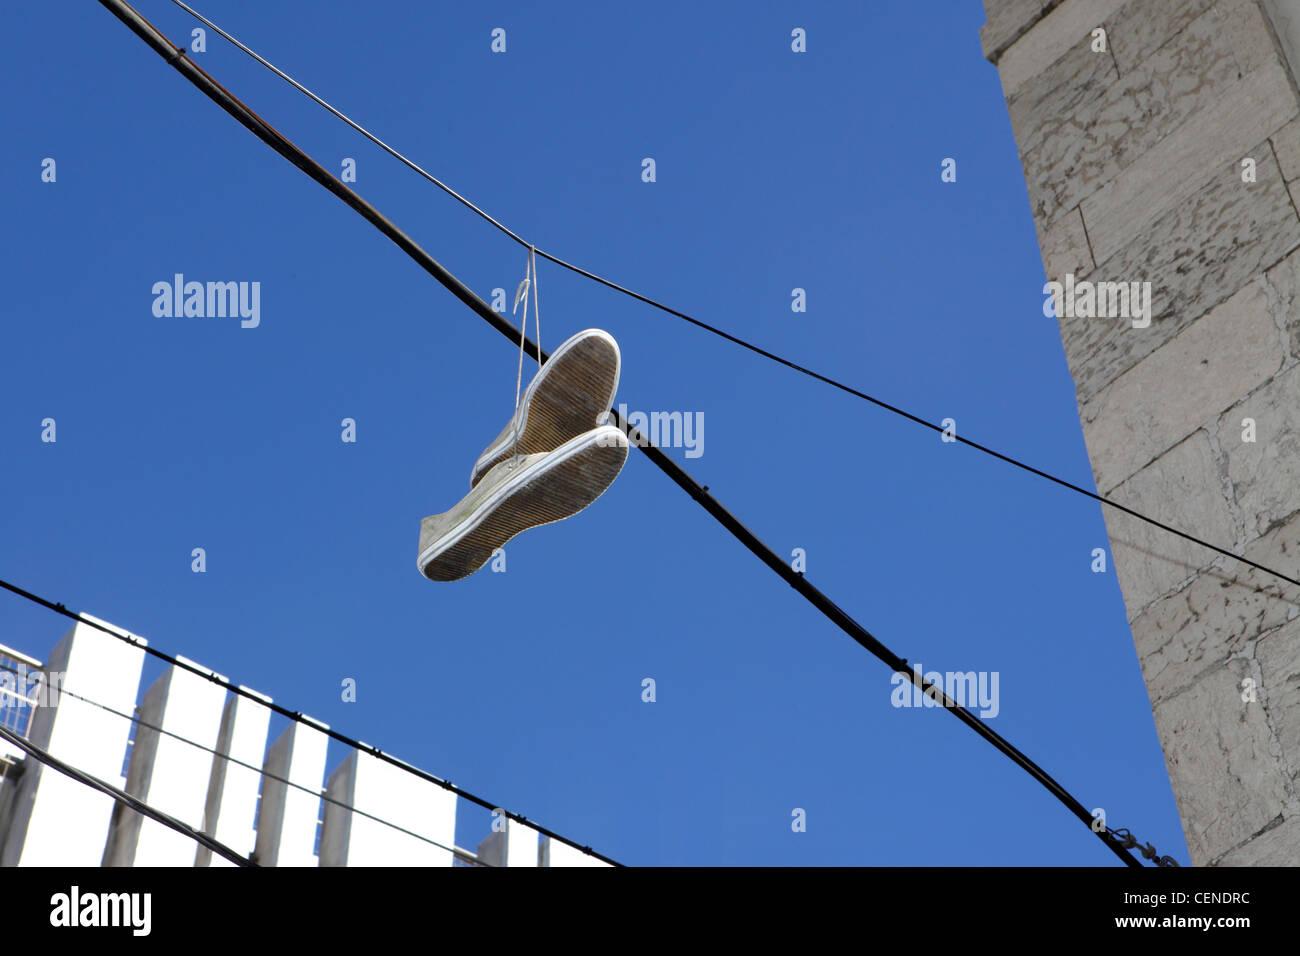 Shoefiti, rite de passage de la culture des jeunes, le centre de Lisbonne, Portugal. Photo Stock